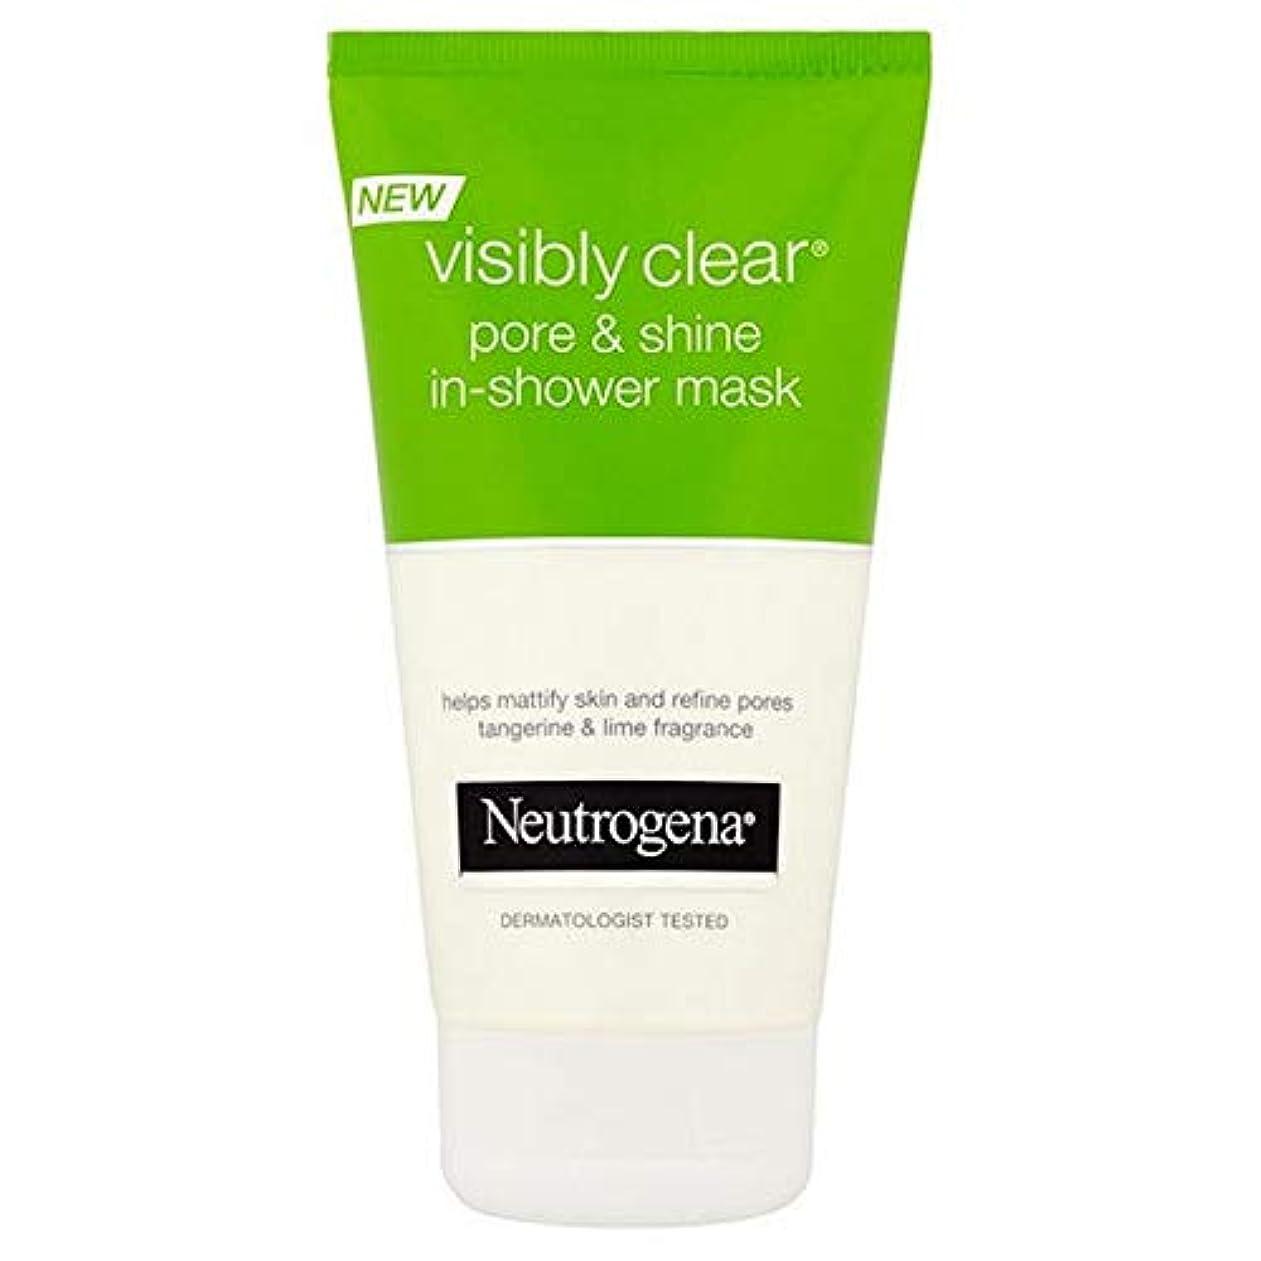 ファイル歴史的王朝[Neutrogena] シャワーマスク150ミリリットルでニュートロジーナ目に見えて明らかポア&輝き - Neutrogena Visibly Clear Pore & Shine In Shower Mask 150ml...